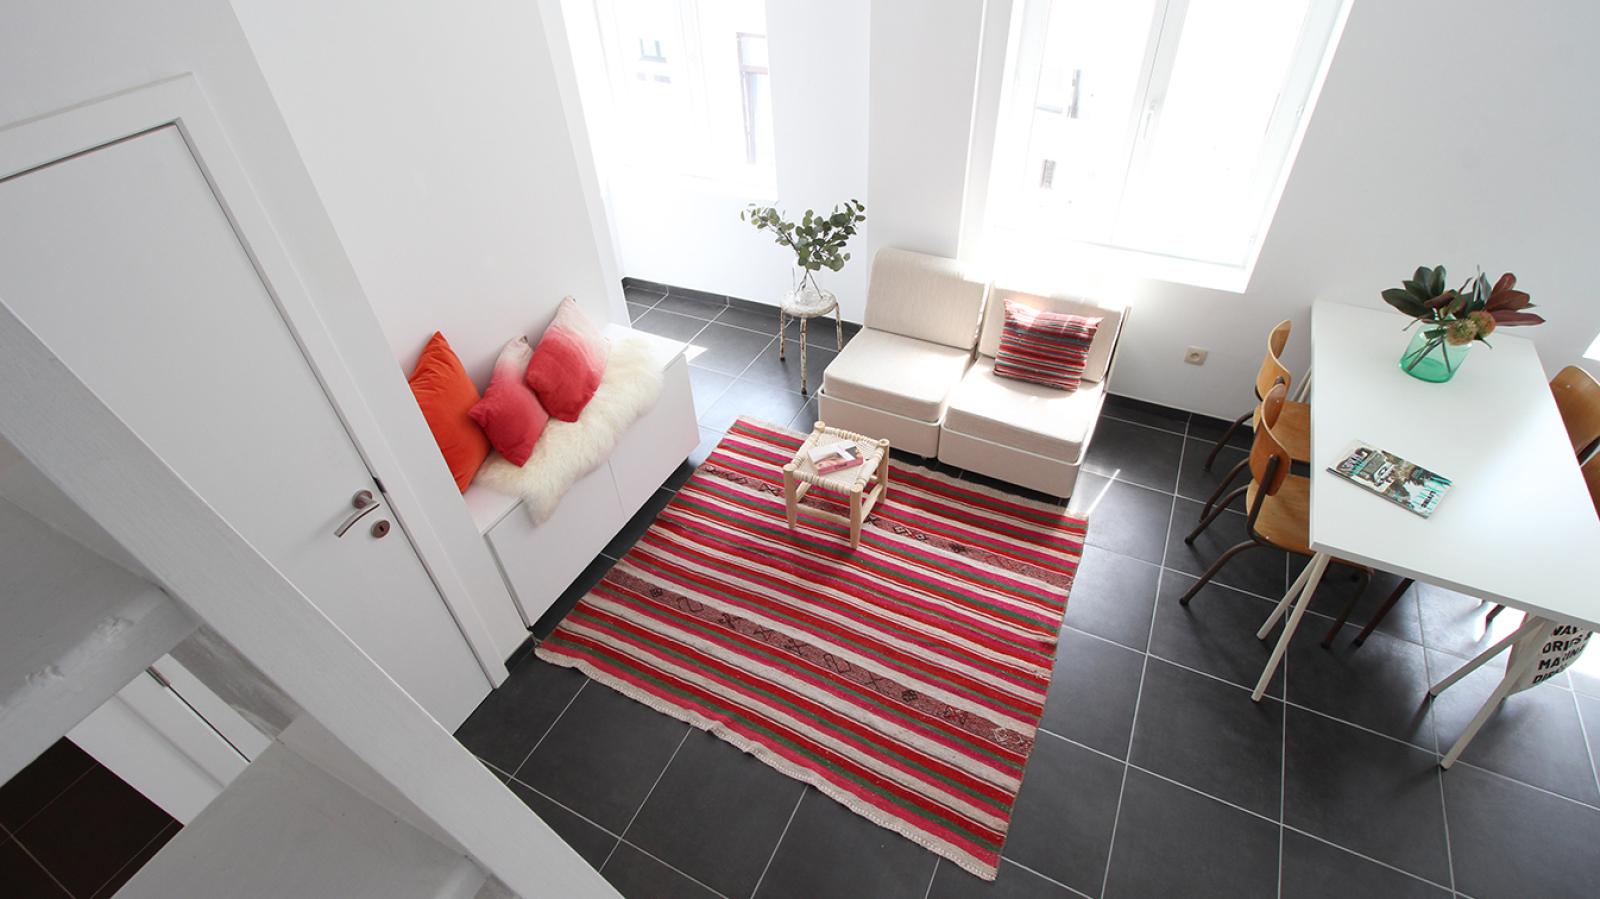 Zeldzaam vastgoed op unieke locatie nabij het Zimmerplein! afbeelding 4